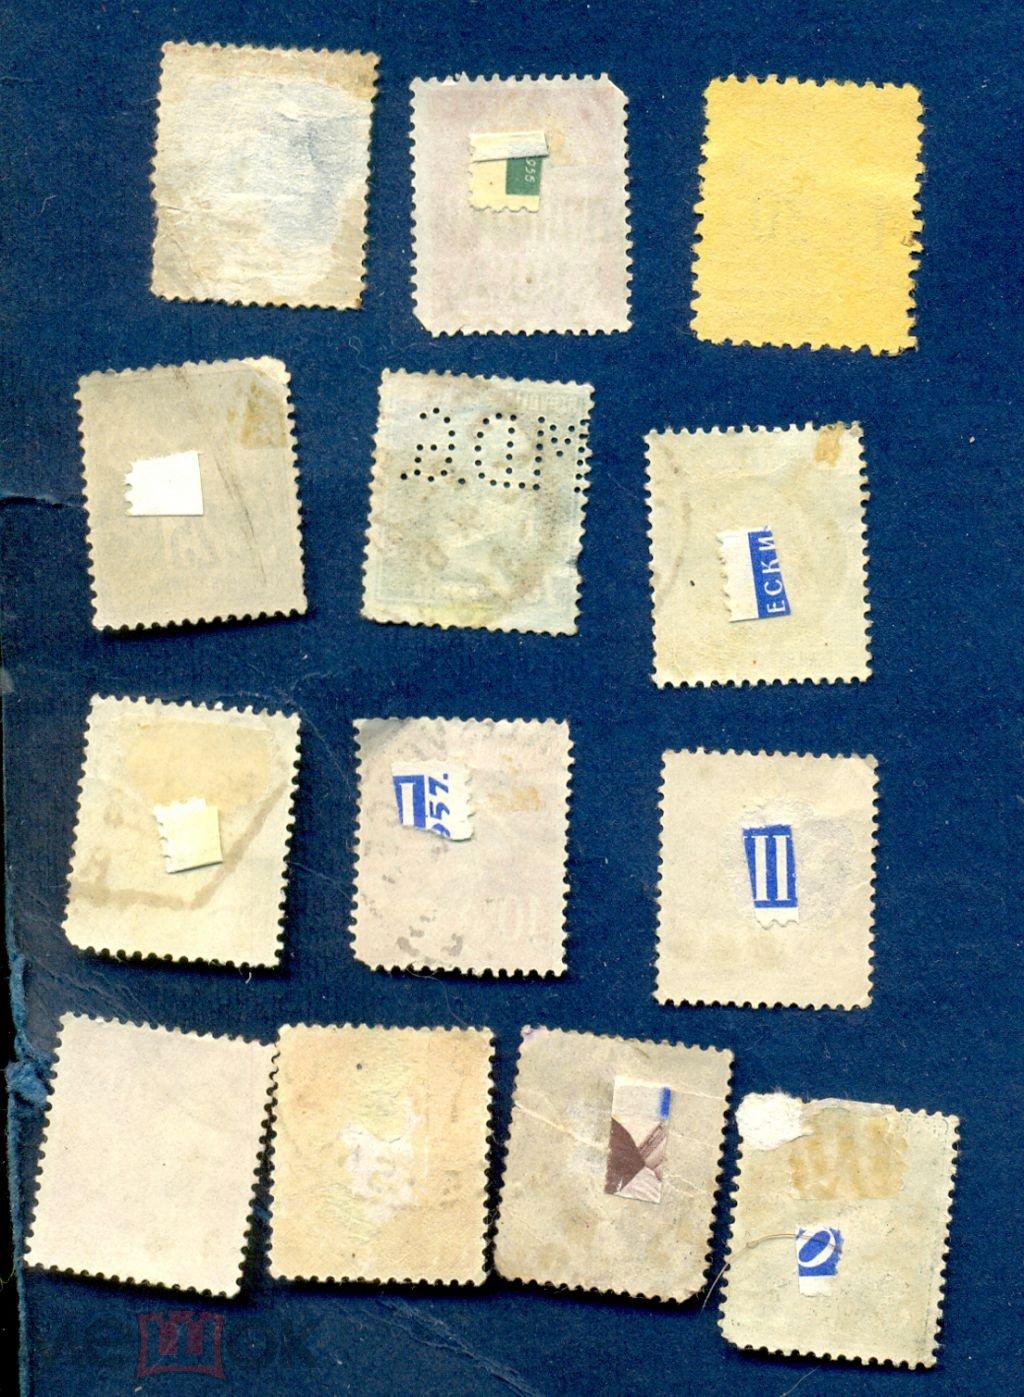 Франция 1876-1945 Набор из 13 гашеных марок.Стандарт Фр-67